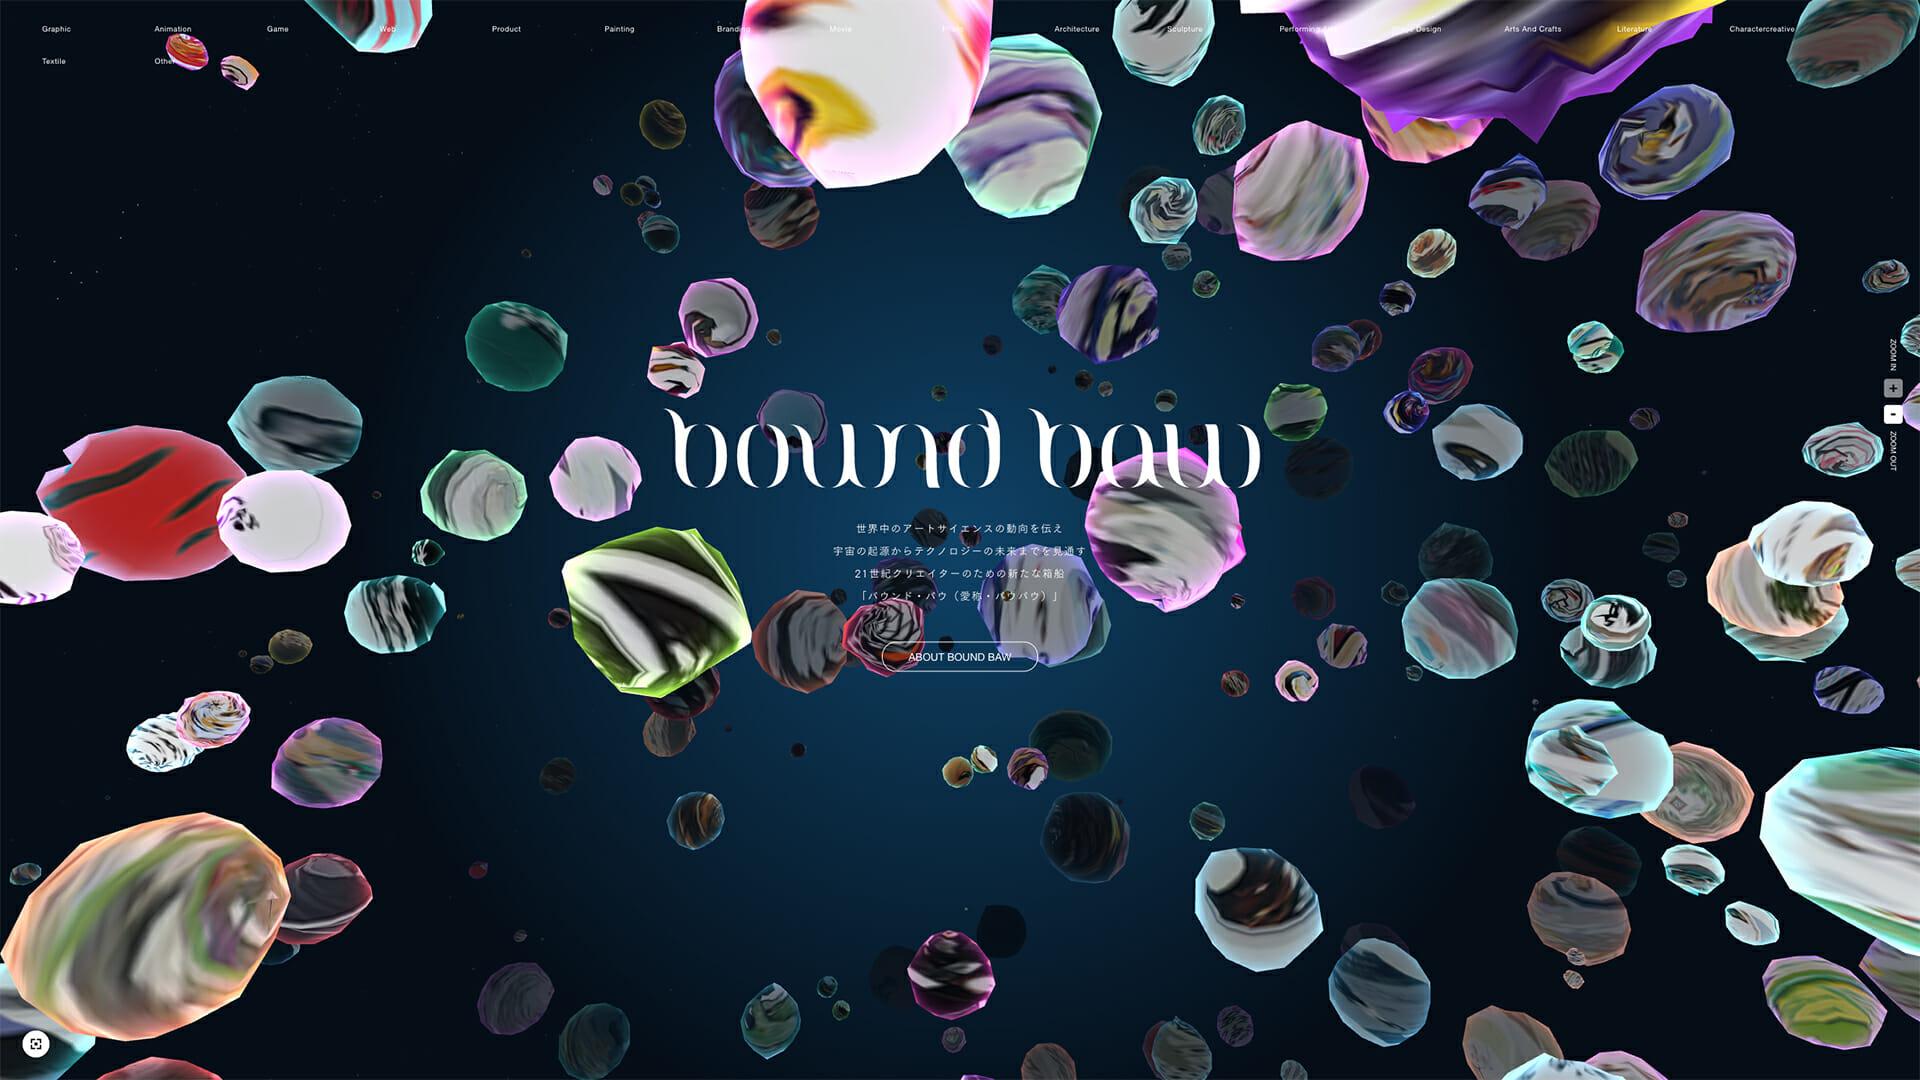 """堀井哲史さんとの共作、「boundbaw」ビジュアライゼーション <a href=""""http://boundbaw.com/"""">http://boundbaw.com/</a>"""